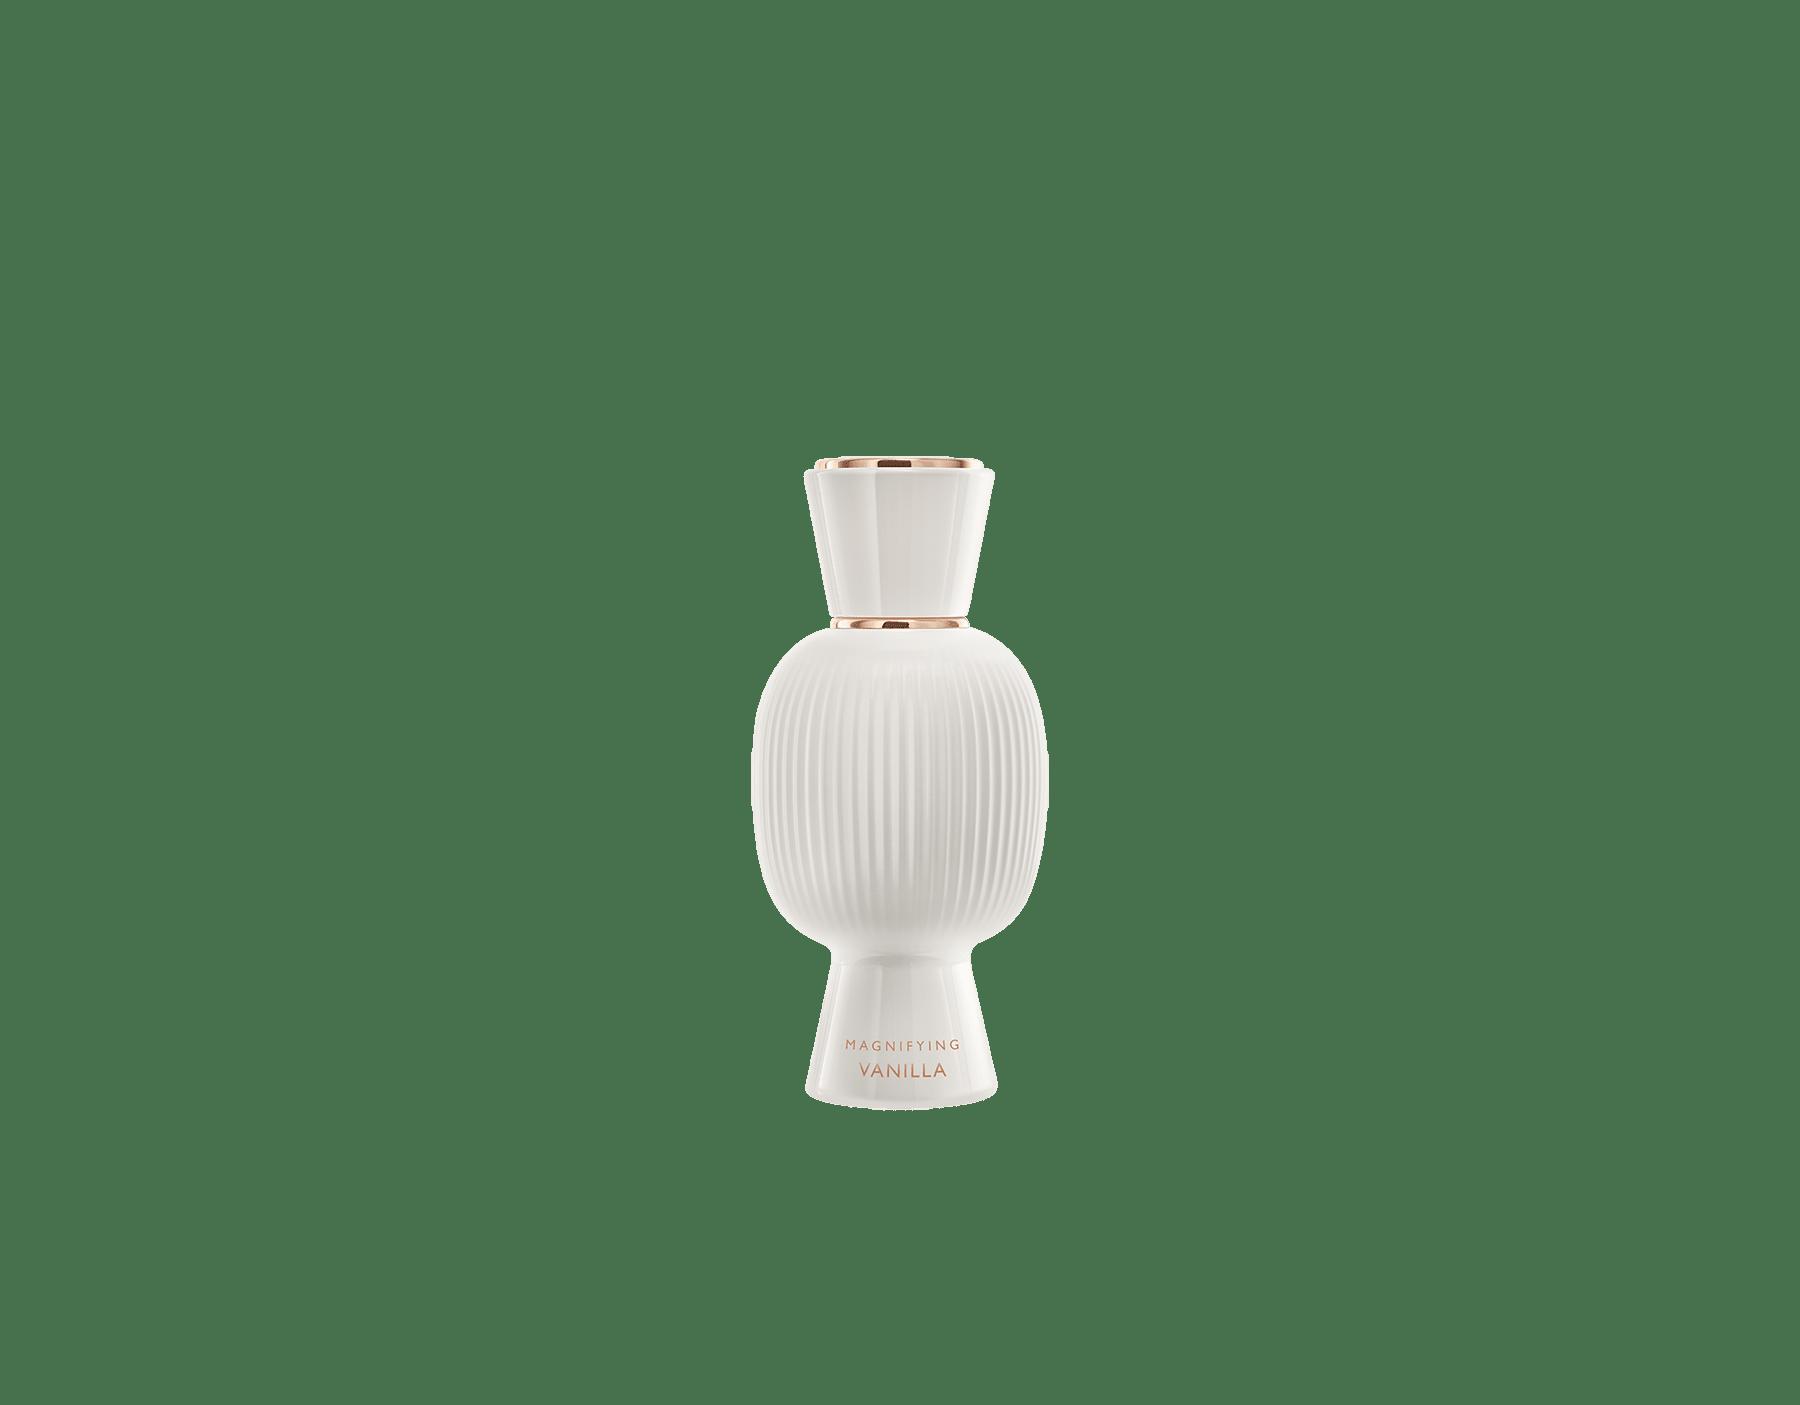 Un coffret de parfums exclusif, aussi unique et audacieux que vous. Chyprée et festive, l'Eau de Parfum Allegra Fantasia Veneta se mêle aux arômes addictifs de l'essence du Magnifying Vanilla pour donner vie à une irrésistible fragrance personnalisée. Perfume-Set-Fantasia-Veneta-Eau-de-Parfum-and-Vanilla-Magnifying image 3